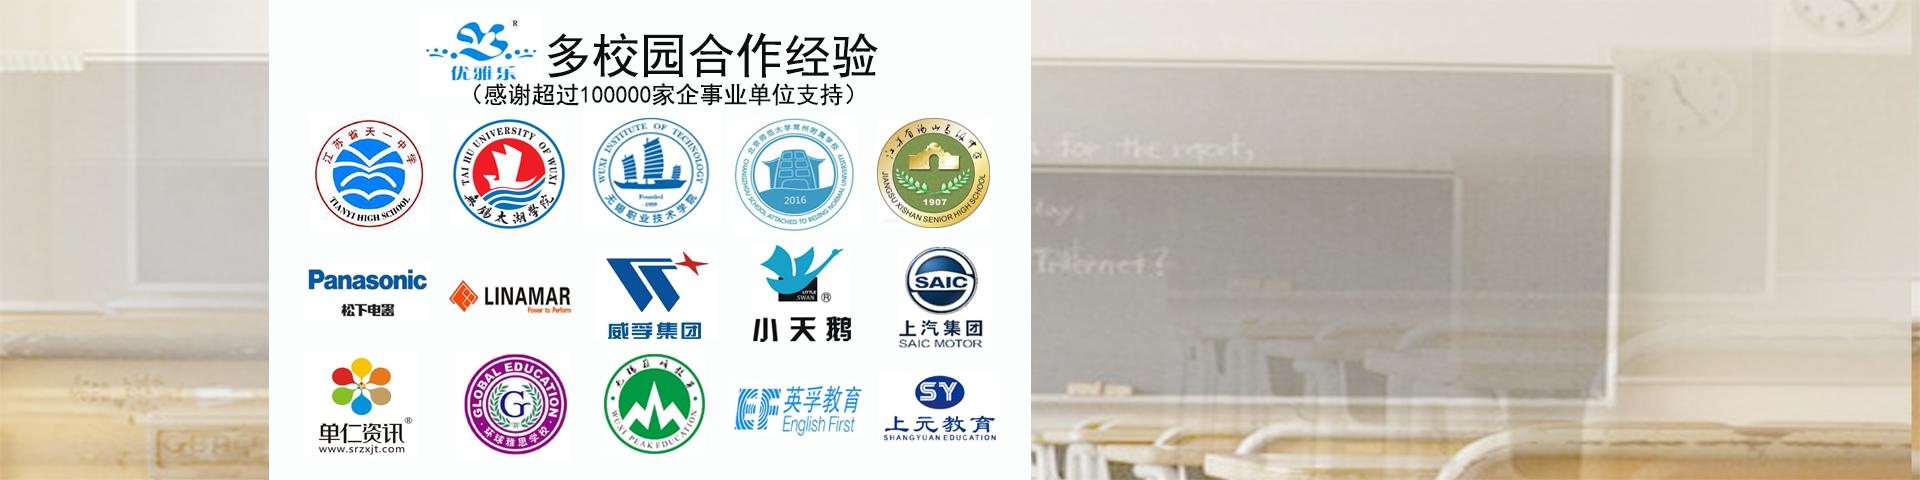 优雅乐15年来感谢超过10万多家学校 及企事业单位支持与信赖